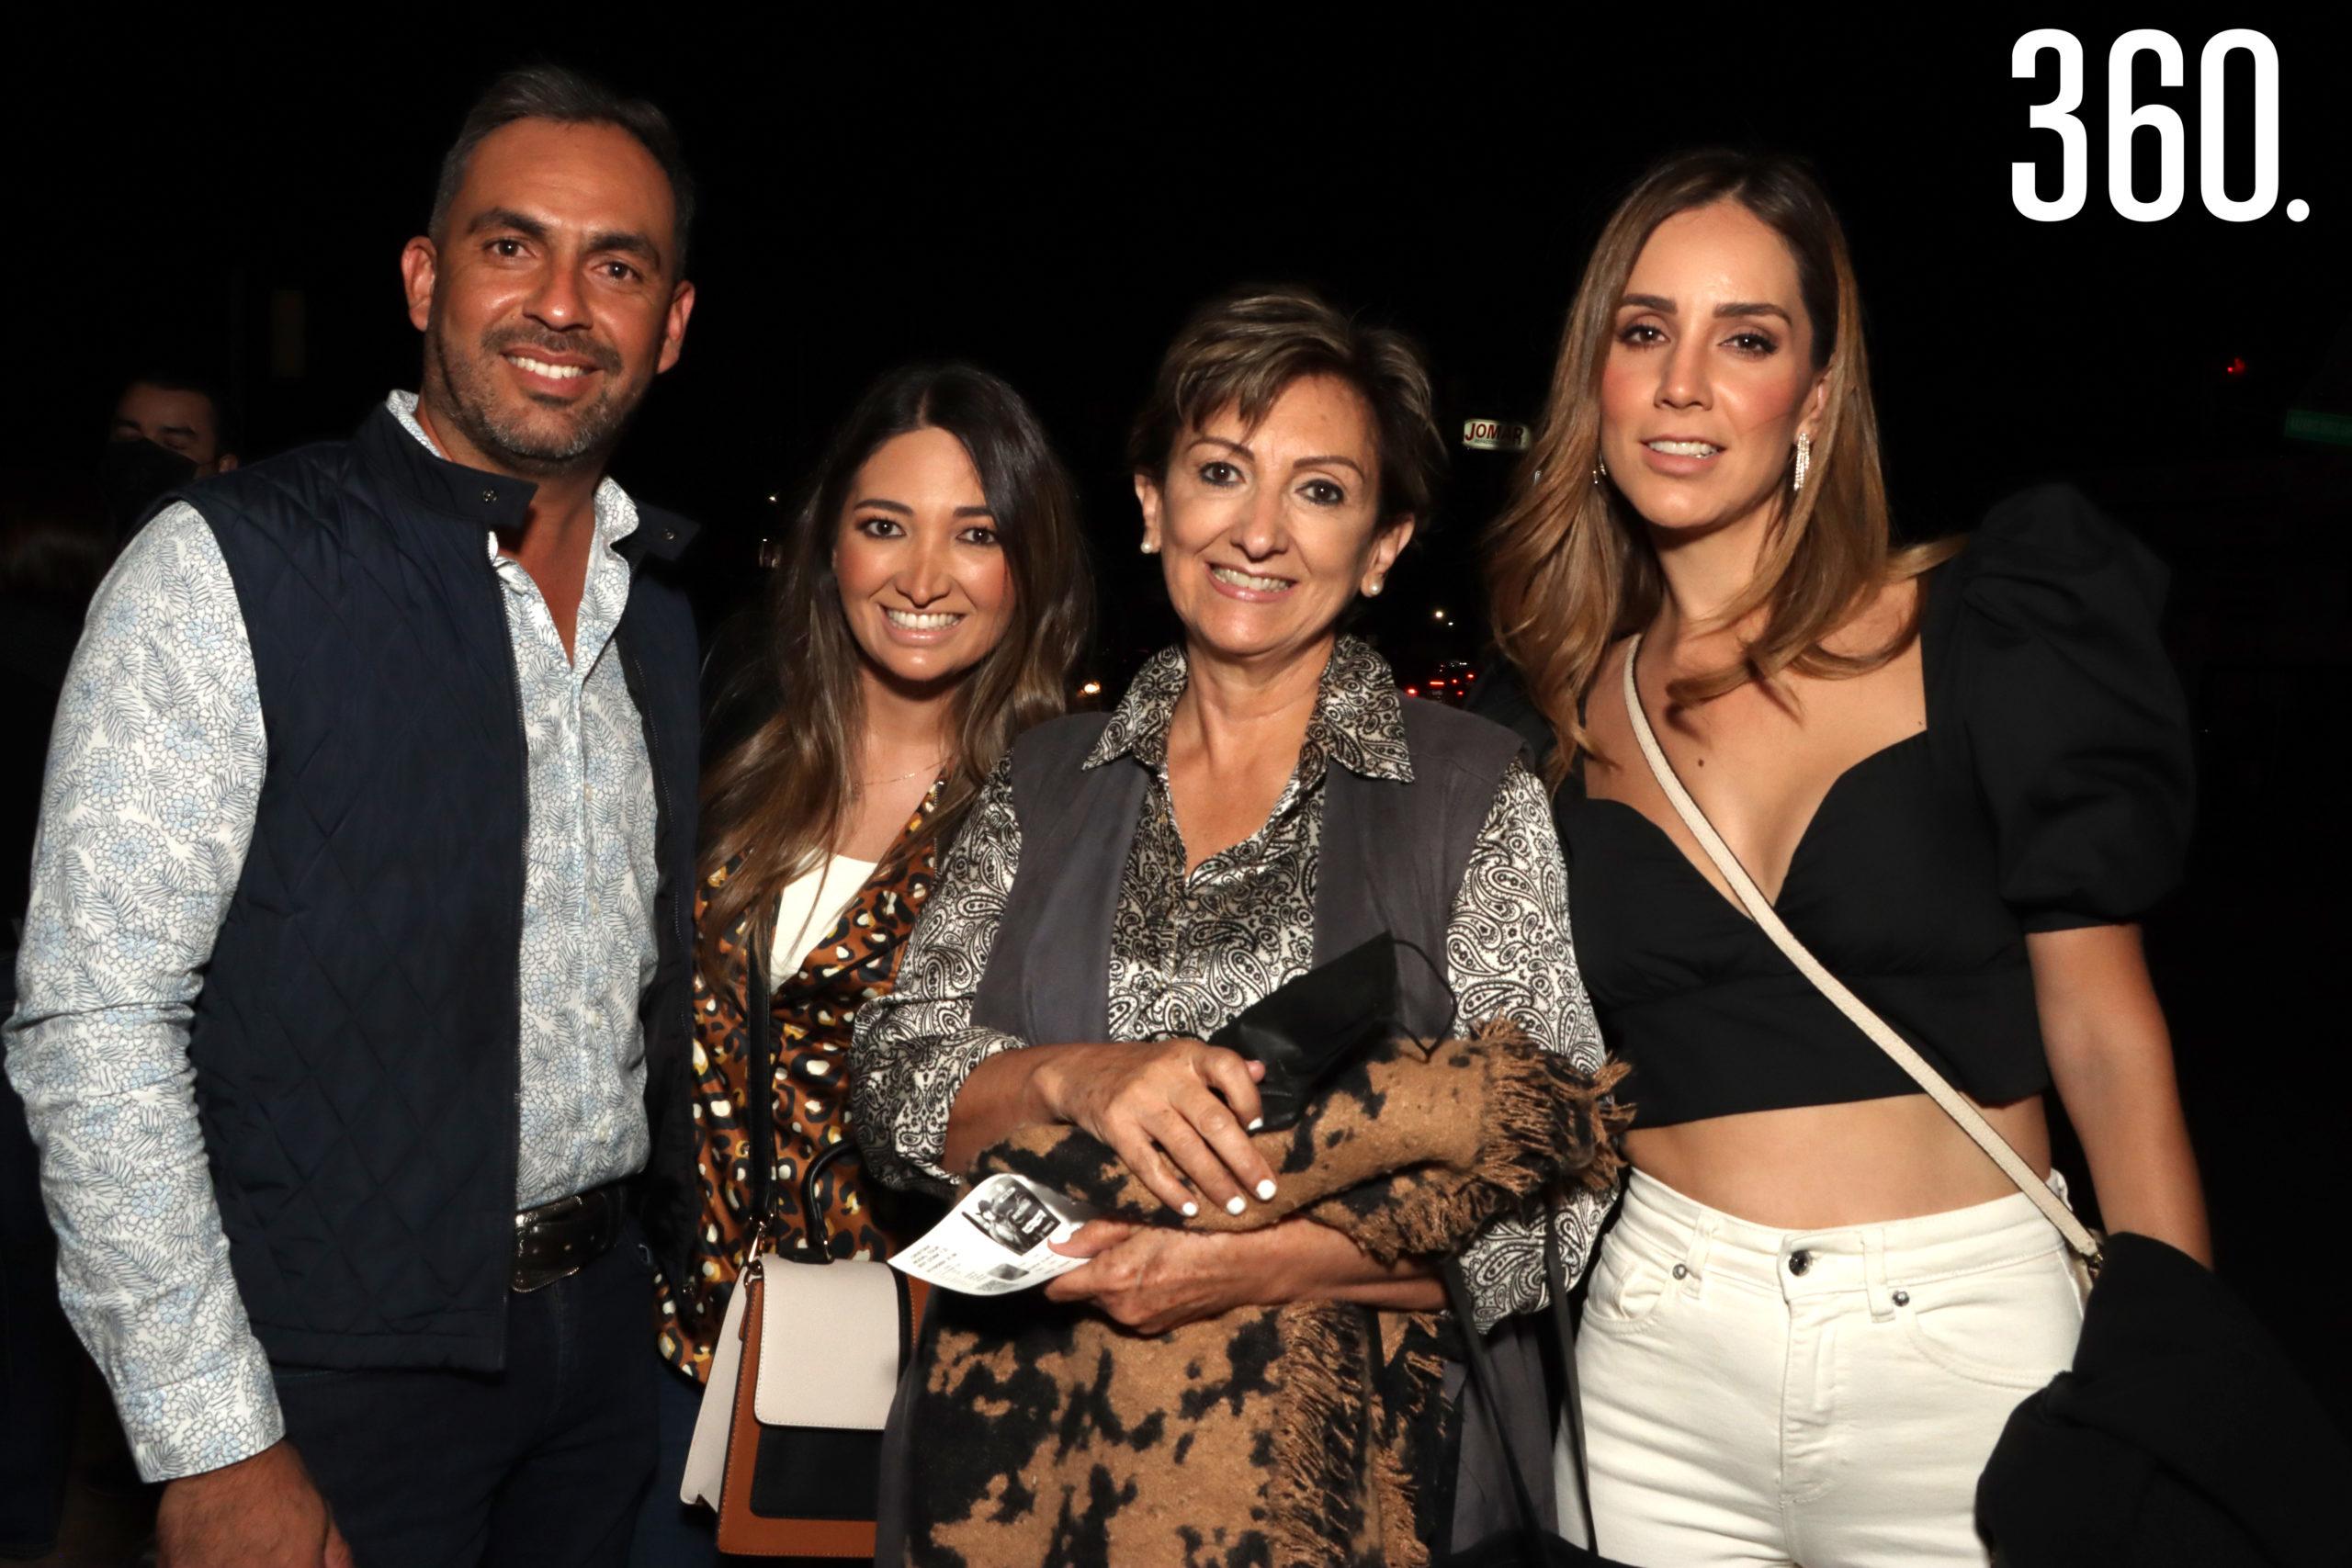 Heriberto Valdés, Pamela Arzamendi, Noris de Arzamendi y Lily González.